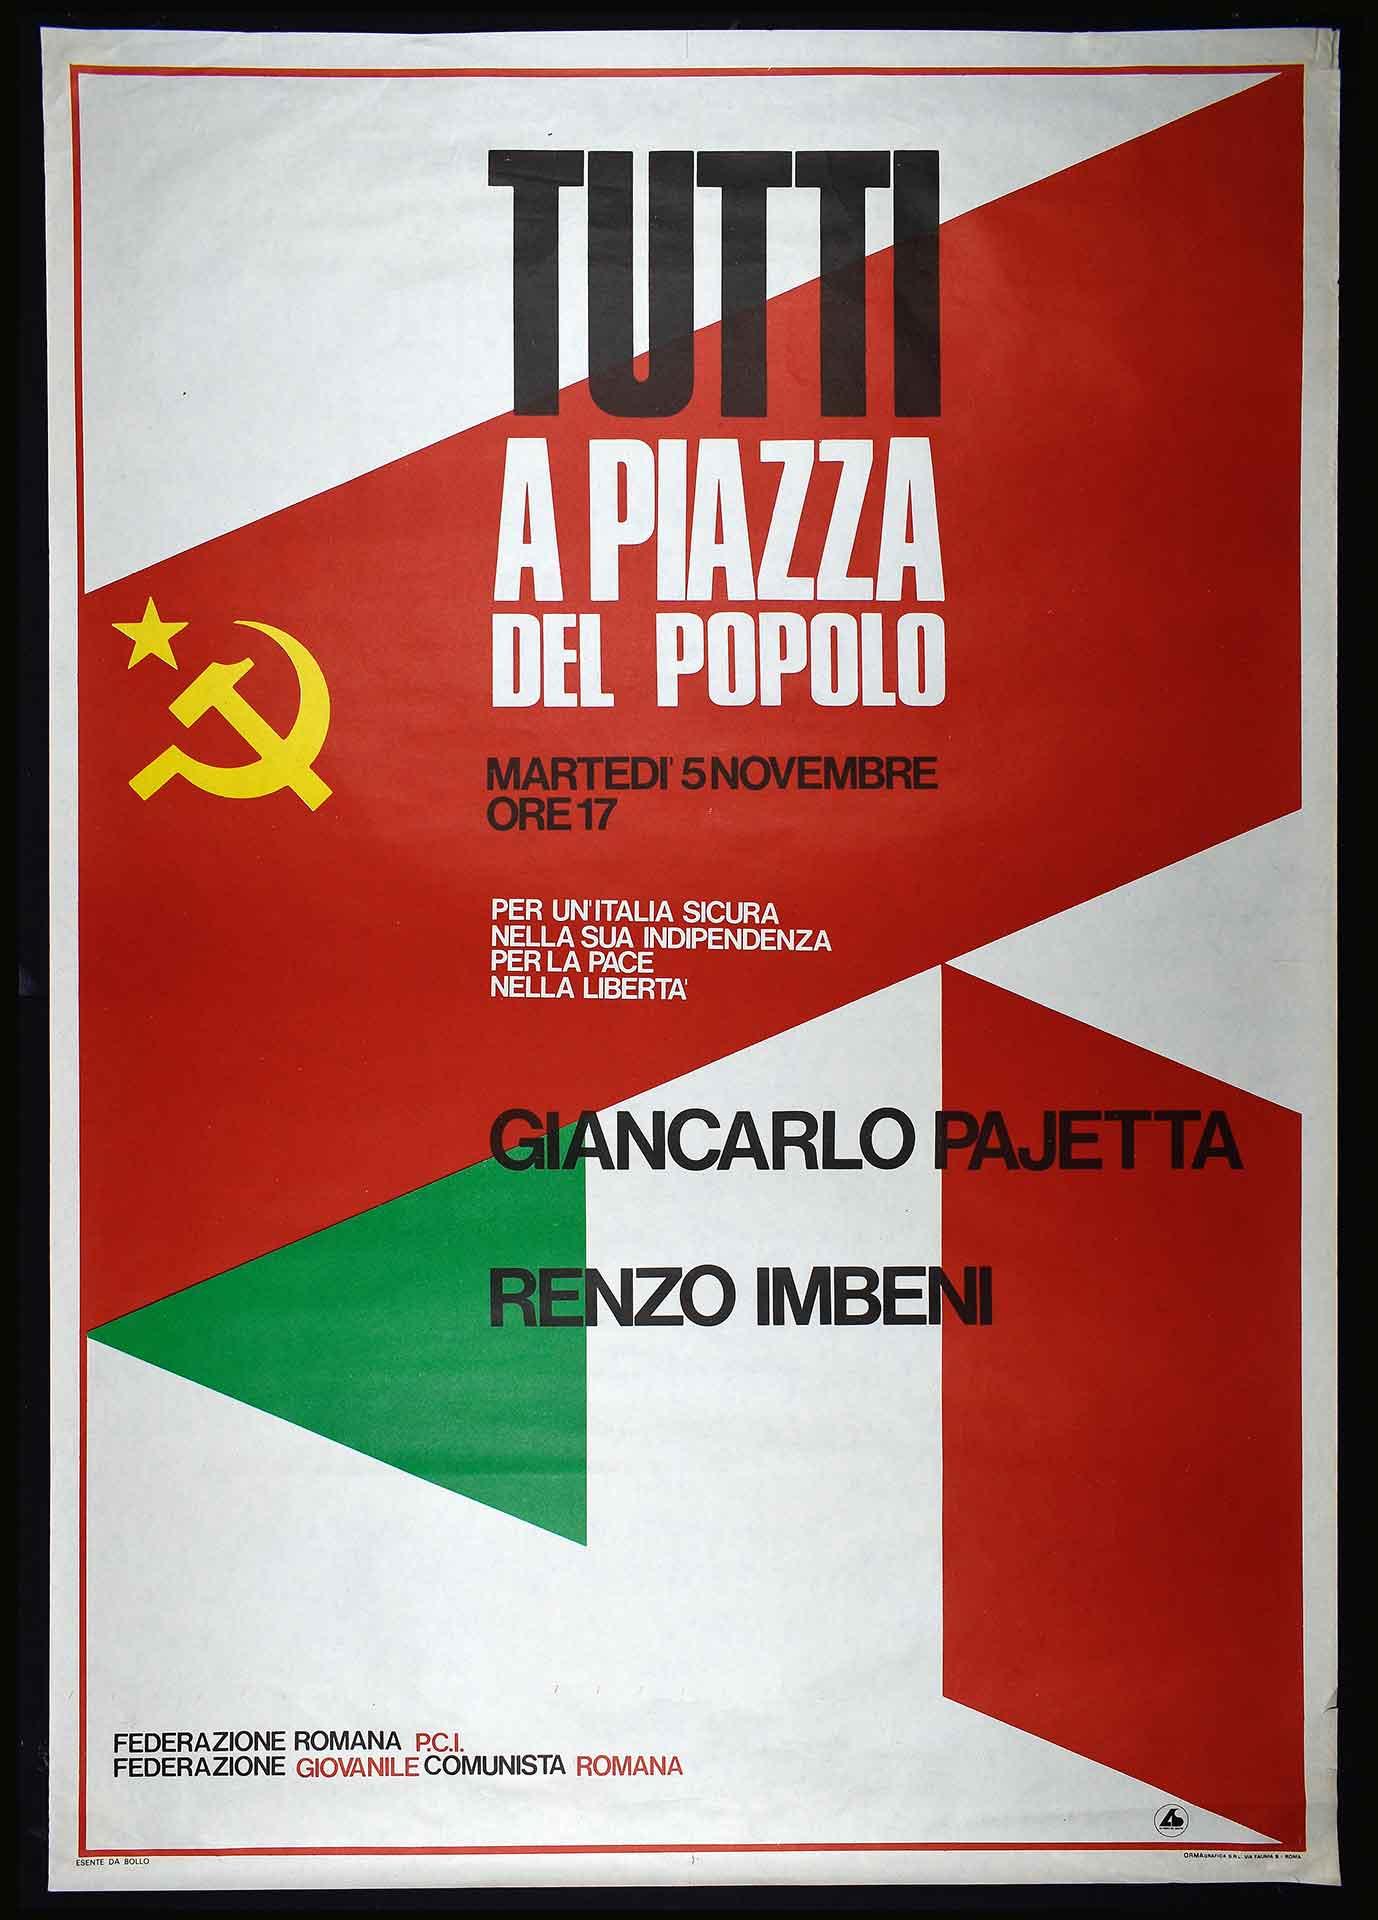 1970-1980. La Federazione romana del Partito comunista italiano (PCI) e la Federazione giovanile comunista romana (FGCR). Stampa Ormagrafica, Roma. Comunicazione di partito.